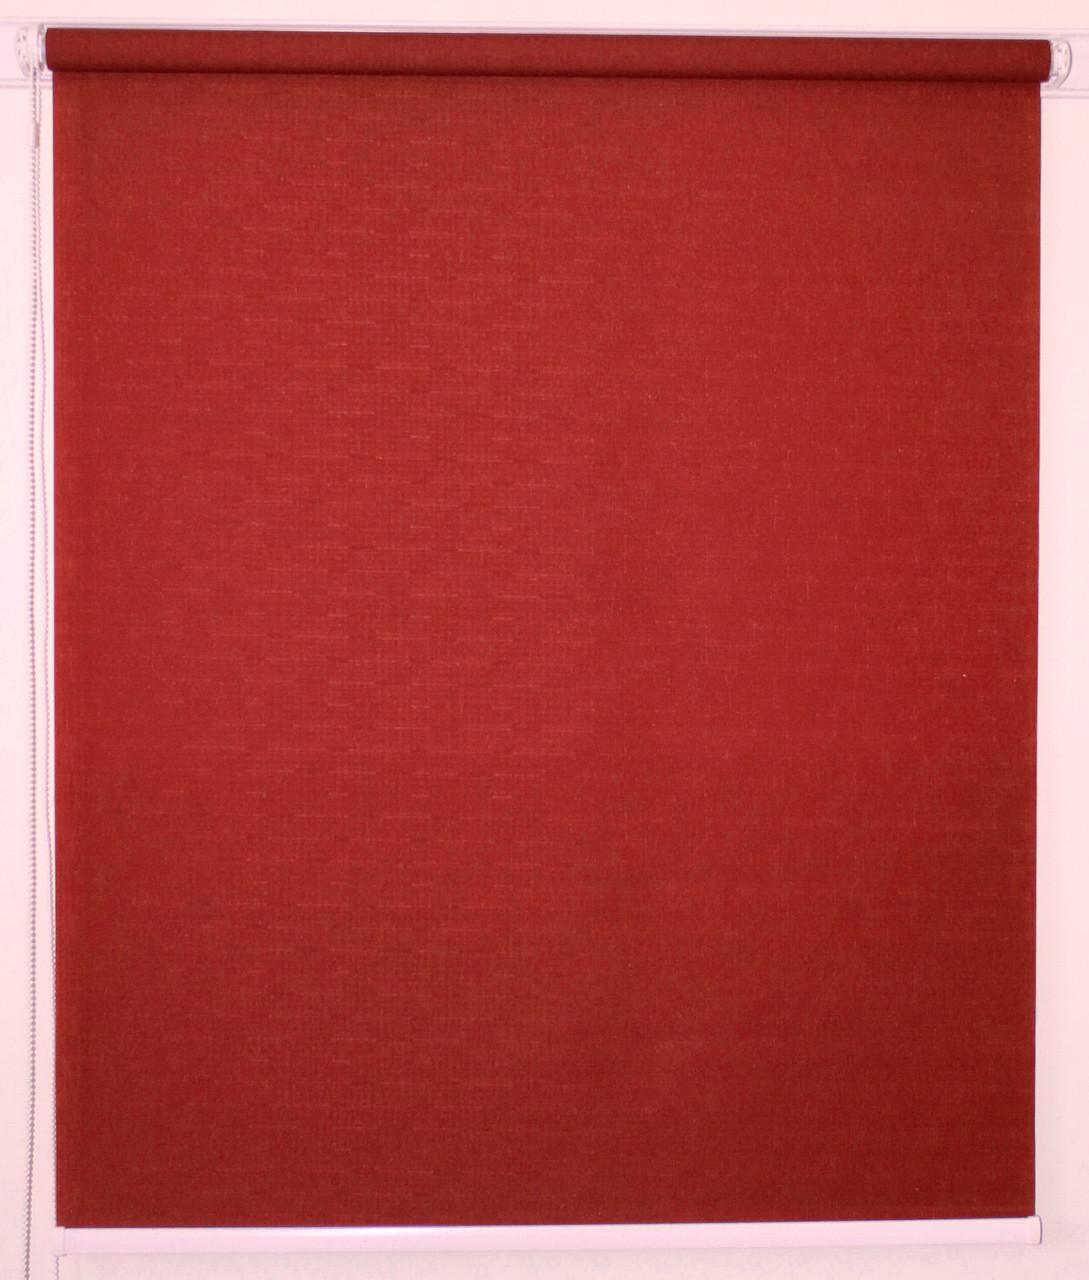 Готовые рулонные шторы 425*1500 Ткань Лён 888 Вишнёвый